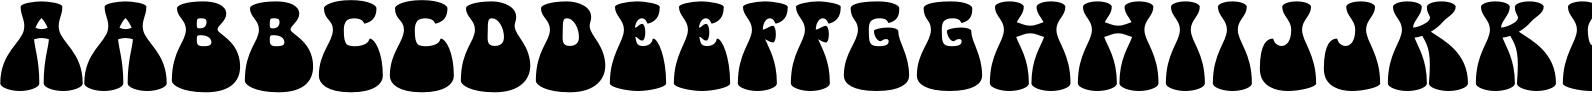 Flatface Heft